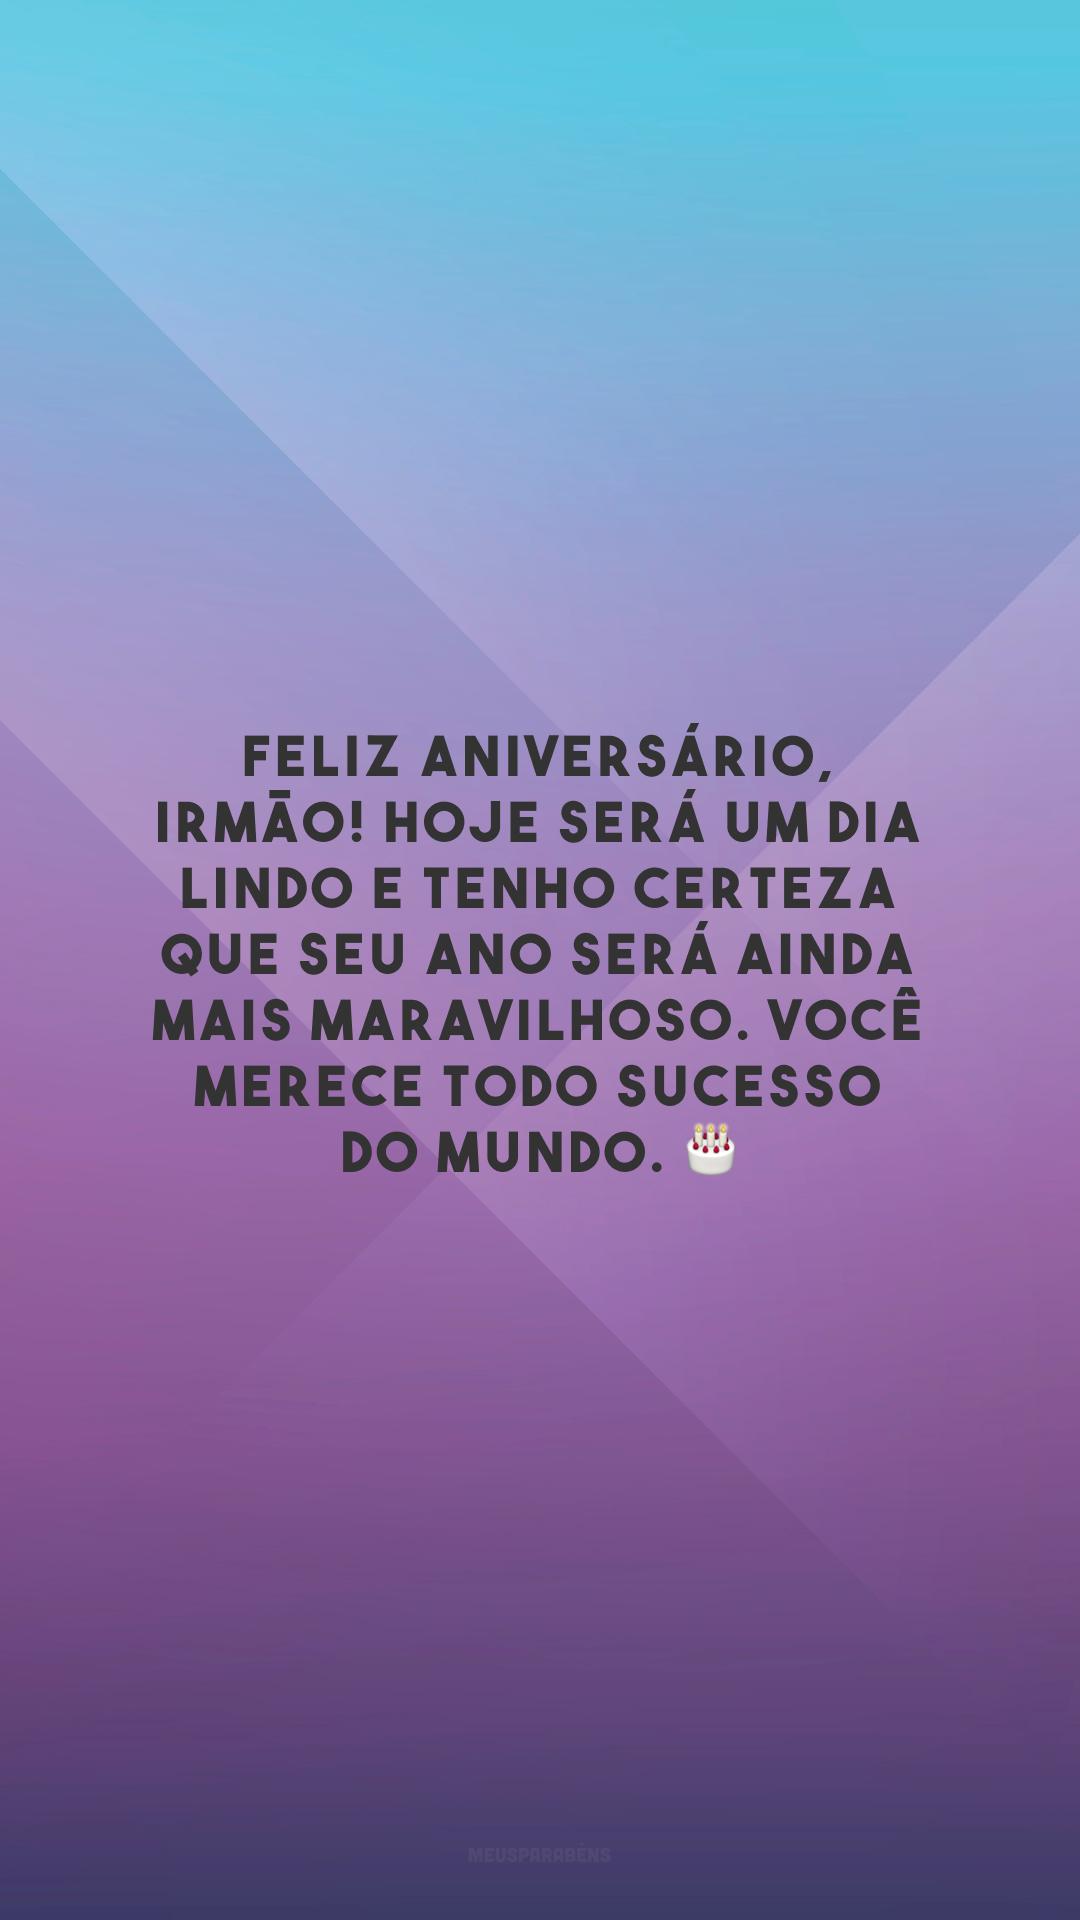 Feliz aniversário, irmão! Hoje será um dia lindo e tenho certeza que seu ano será ainda mais maravilhoso. Você merece todo sucesso do mundo. 🎂